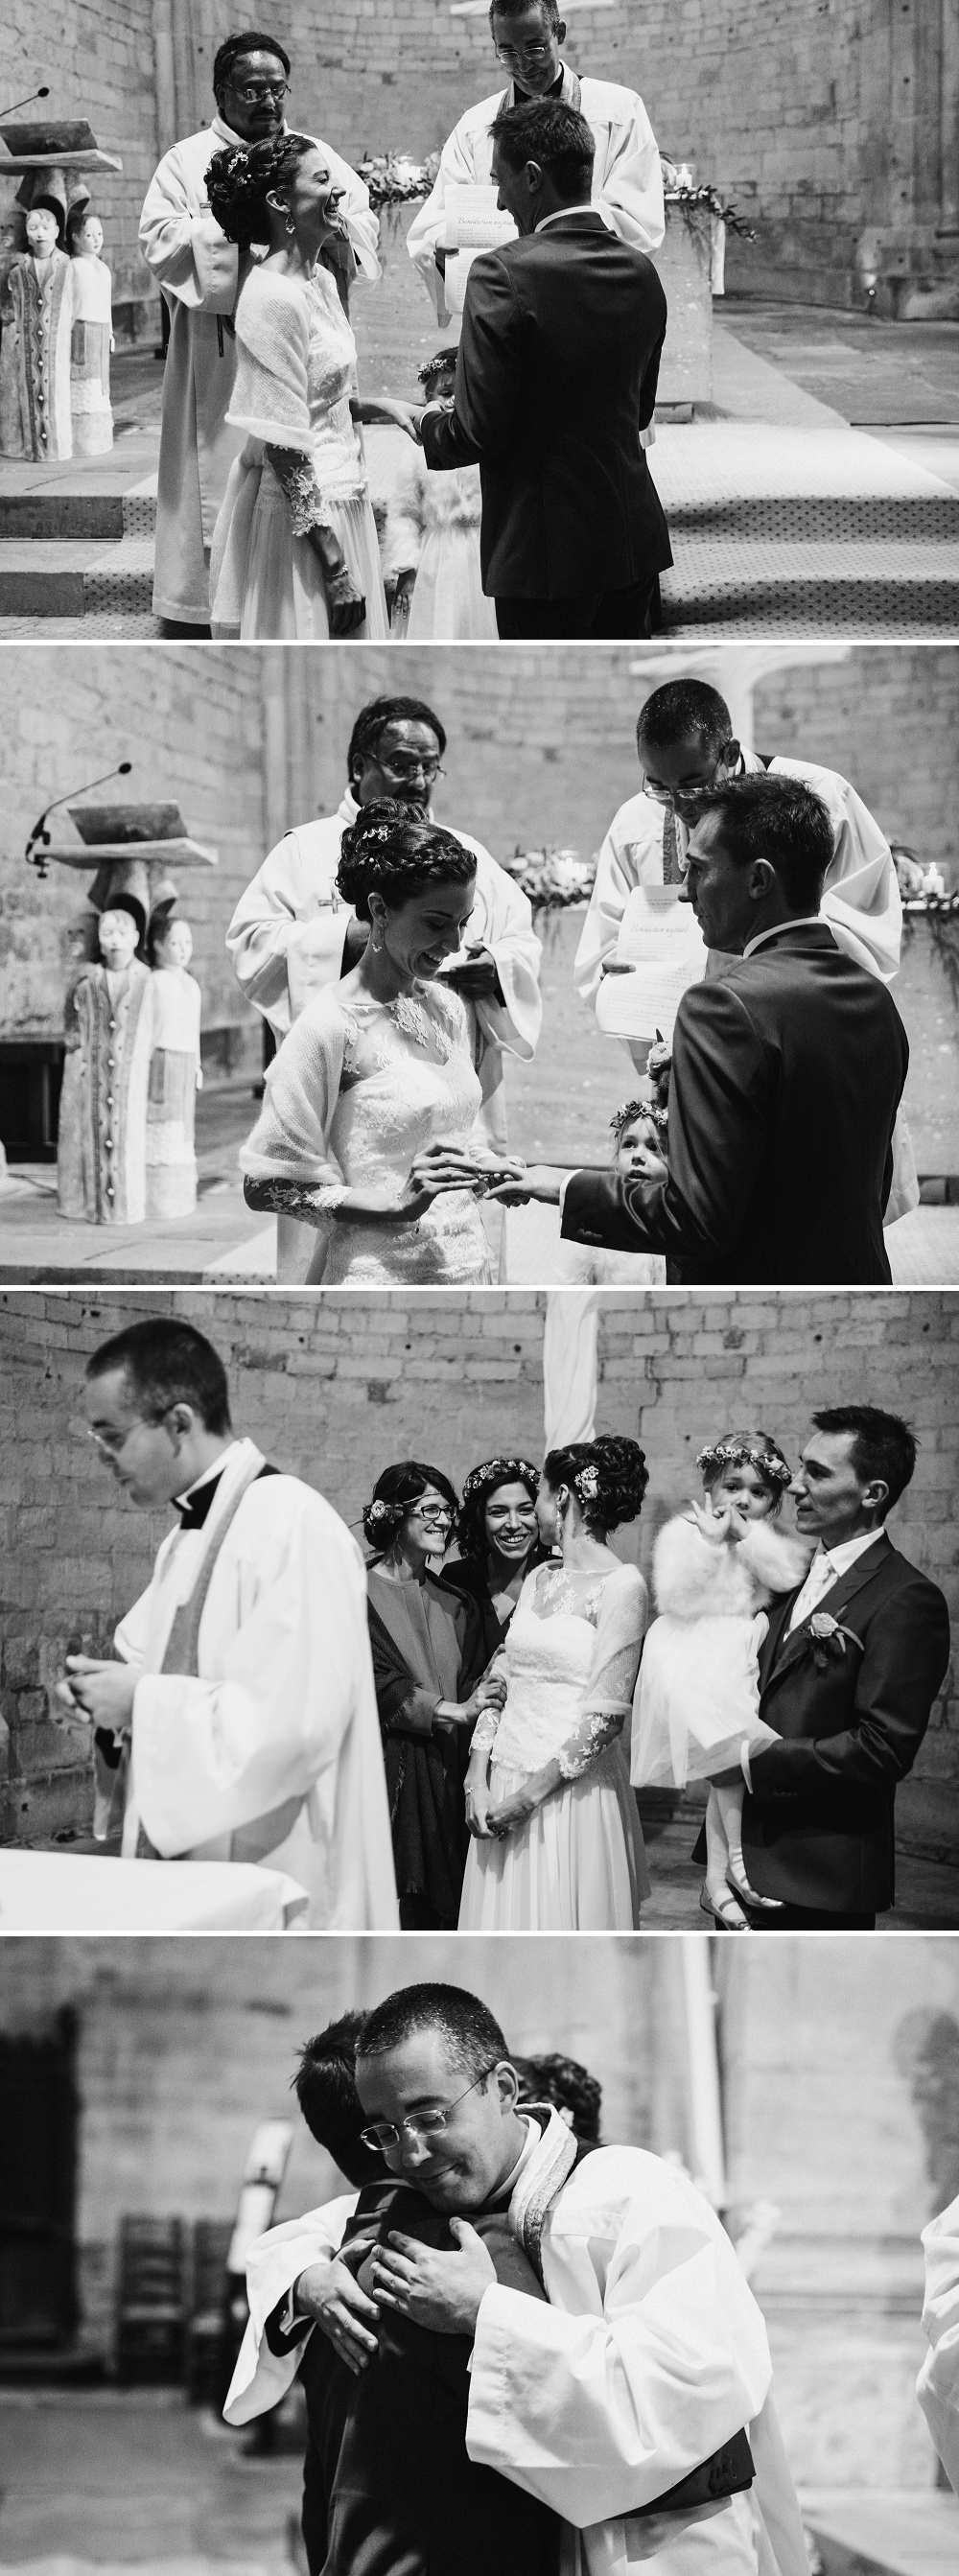 mariage-allemagne-molino-09.jpg